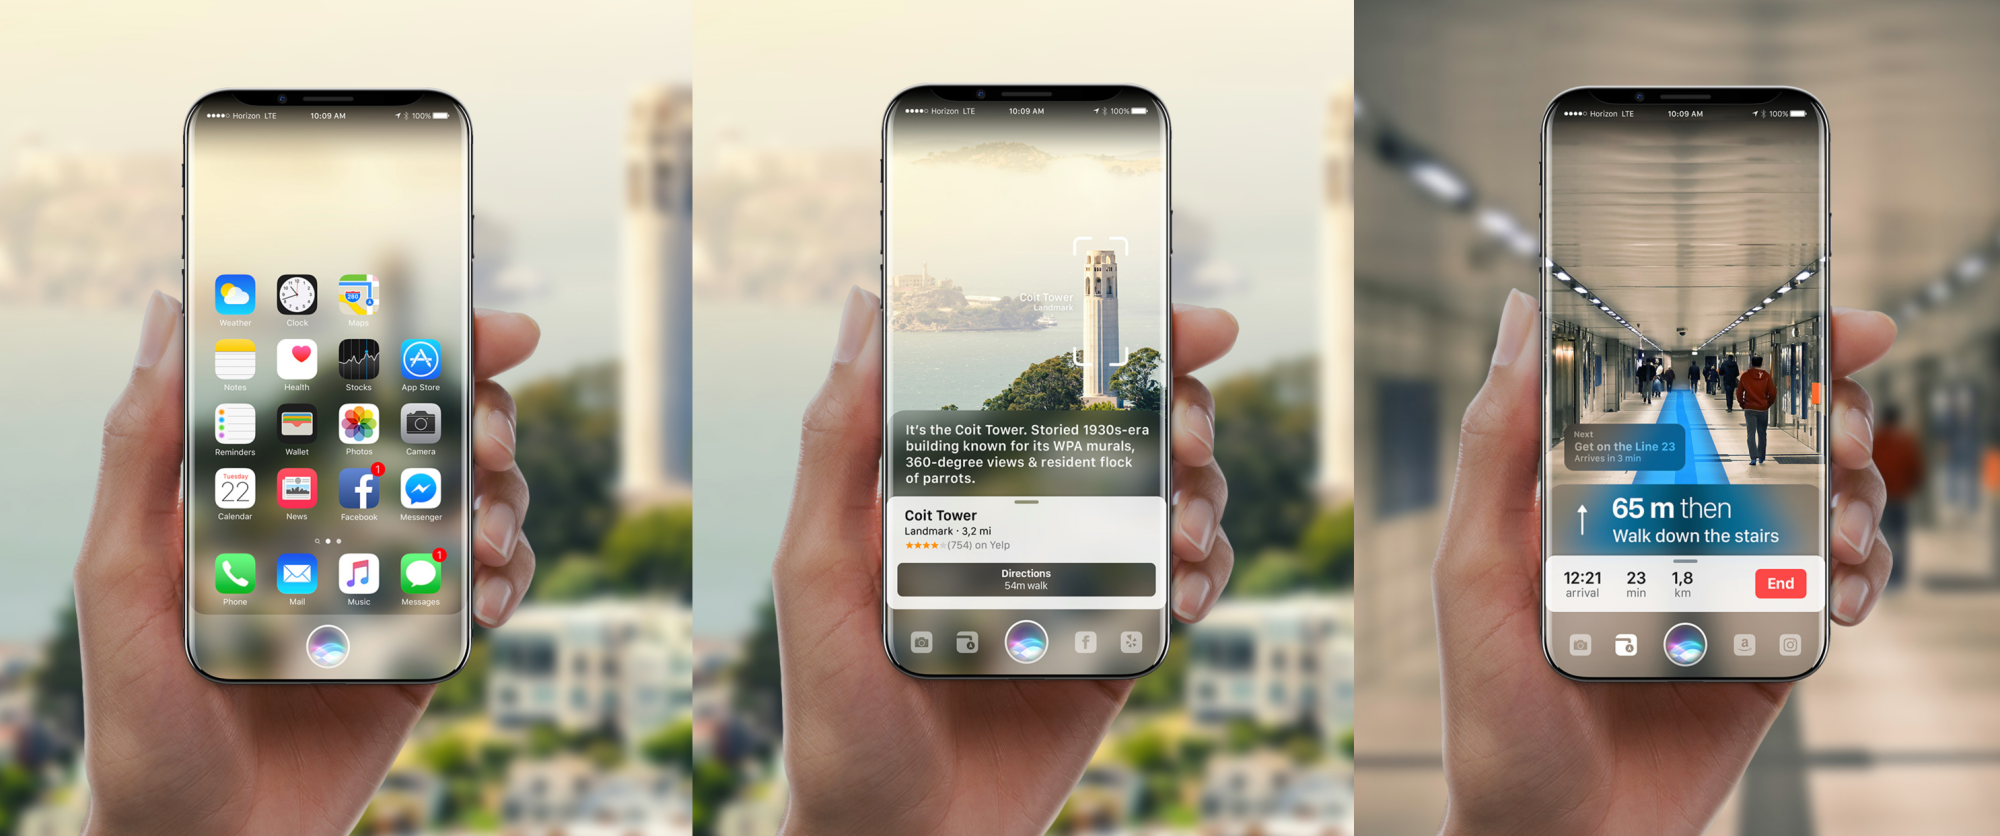 Inilah Konsep iPhone 8 Terbaru yang Sangat Keren